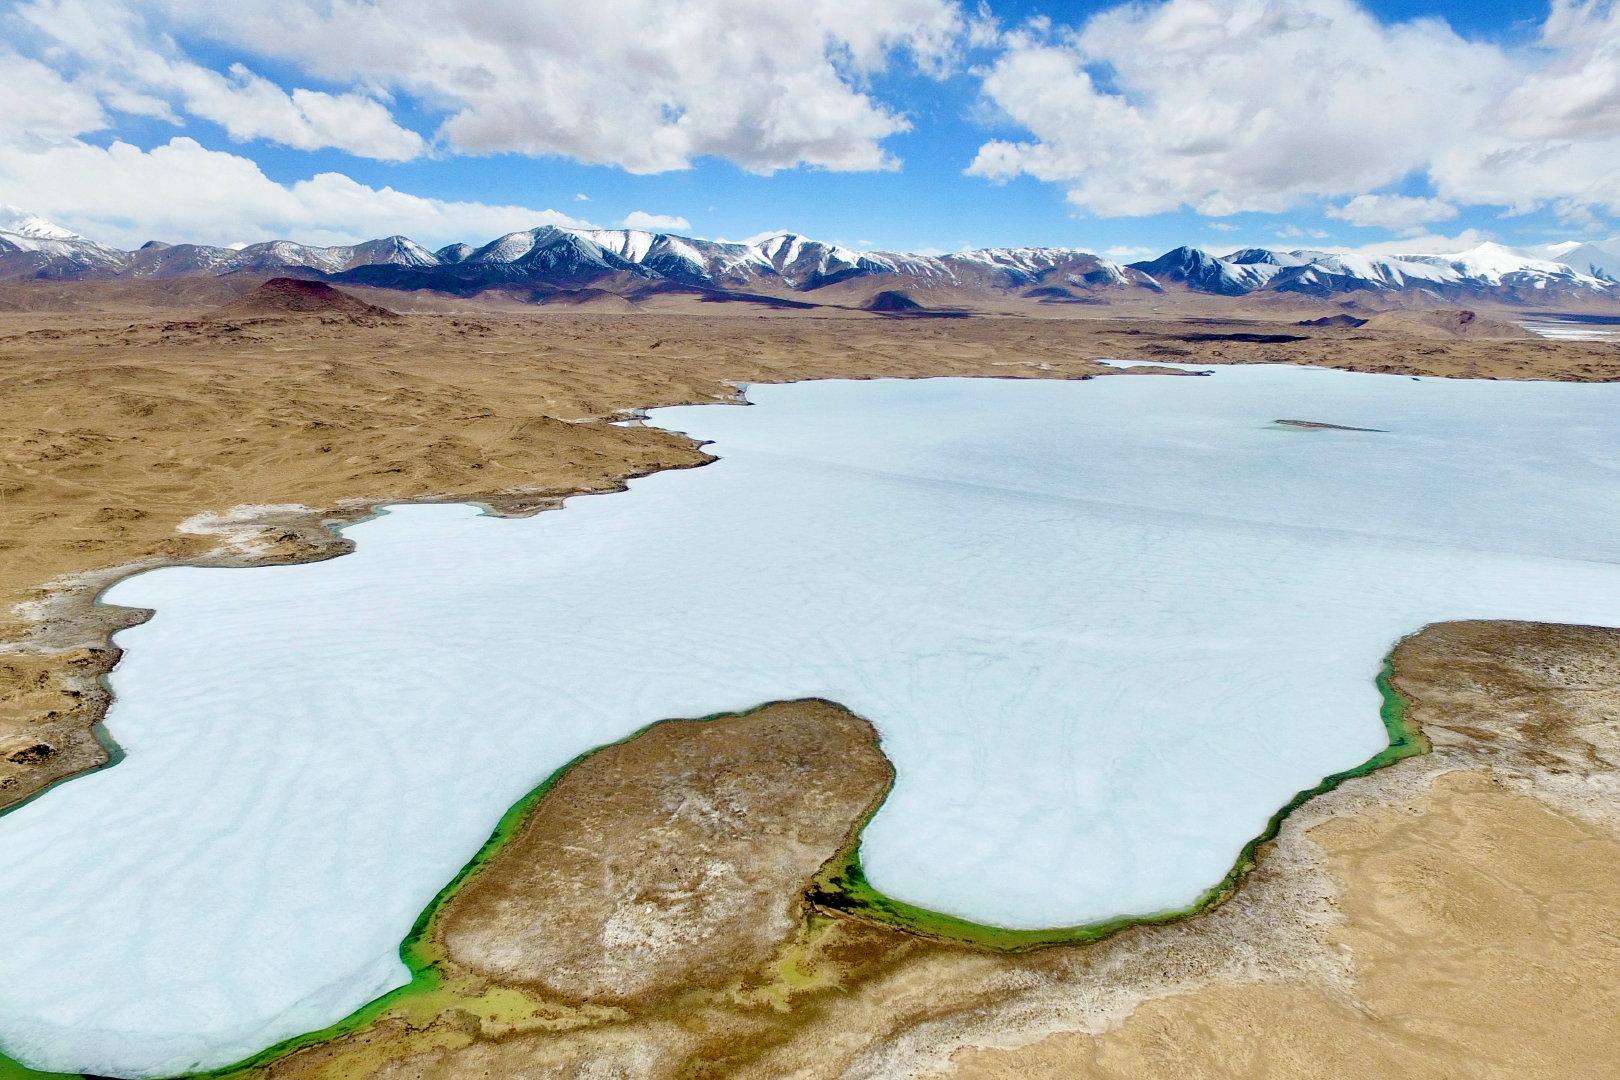 阿什库勒盆地位于新疆于田县以南的昆仑山中